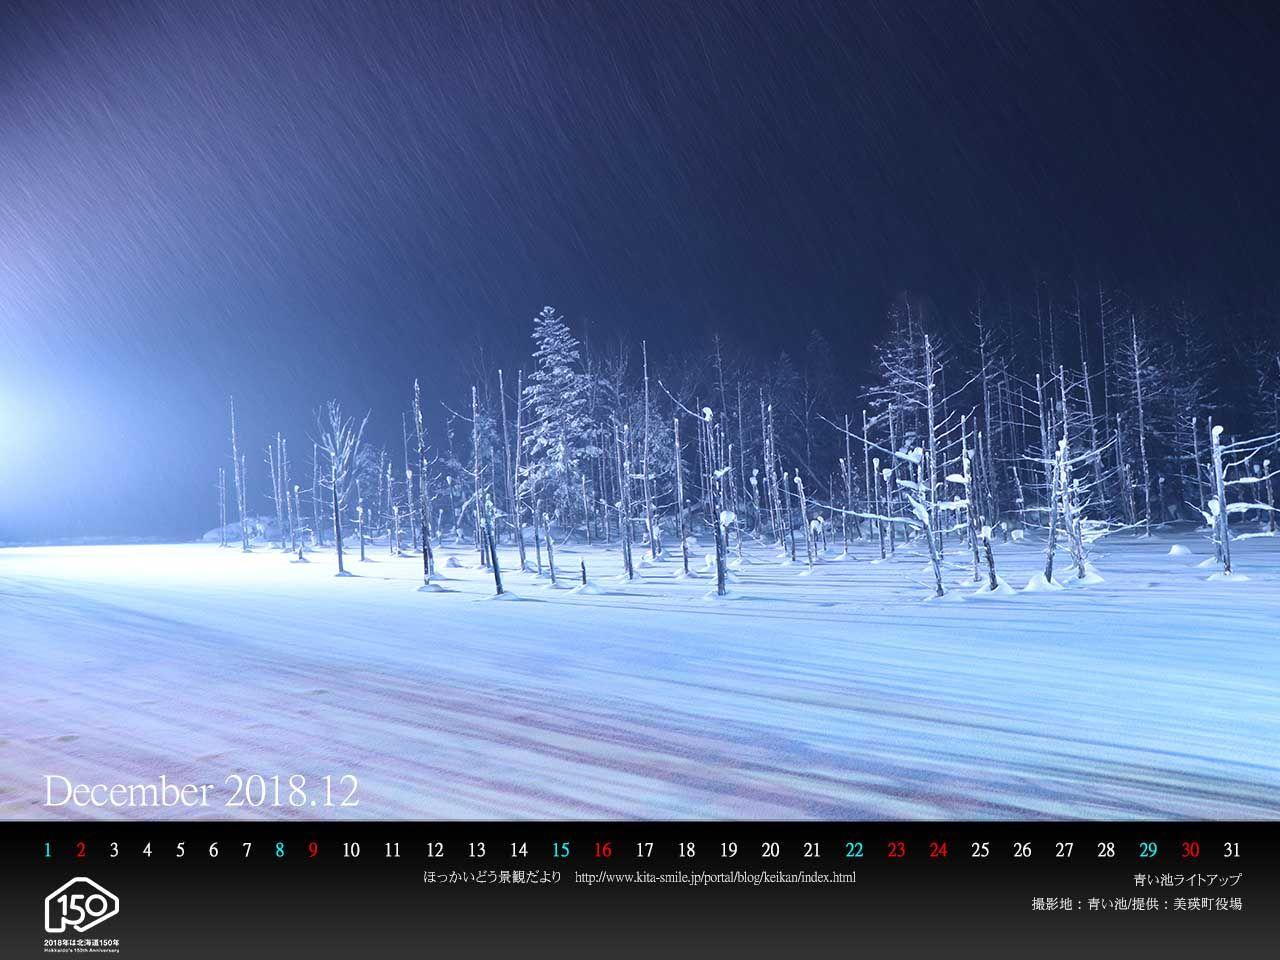 12月は美瑛町の 青い池ライトアップ です pc壁紙カレンダーを